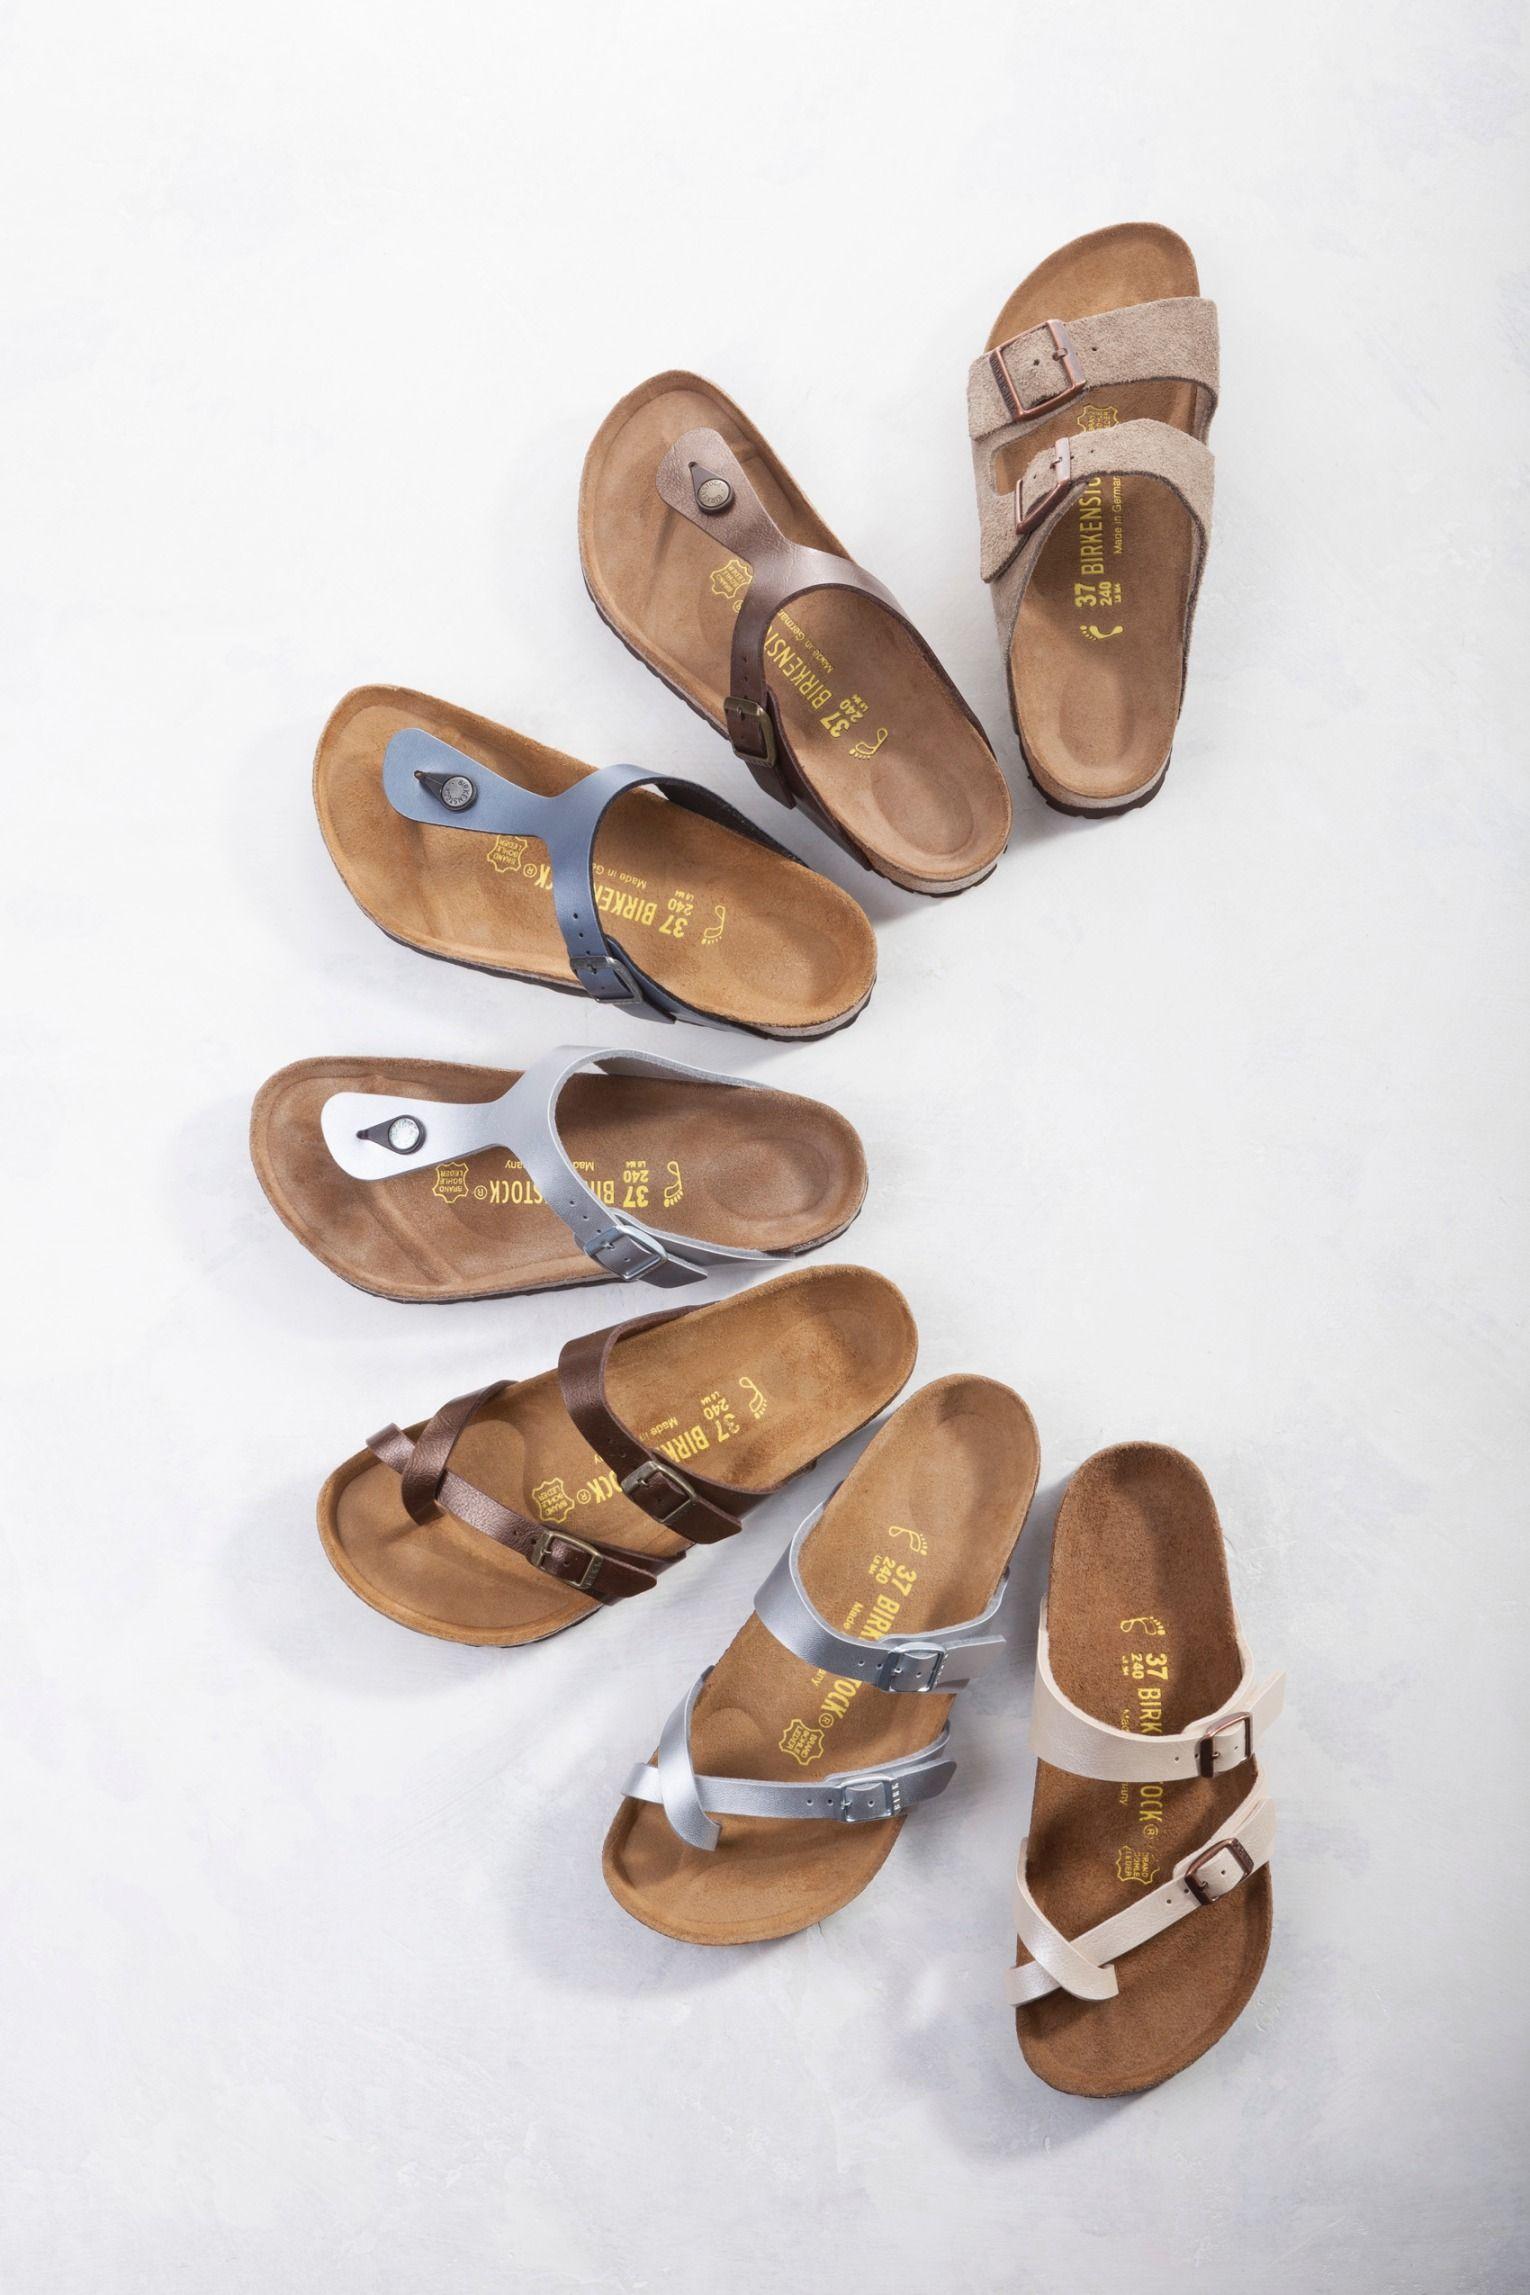 56dc2d6c413 Birkenstock gizeh sandals